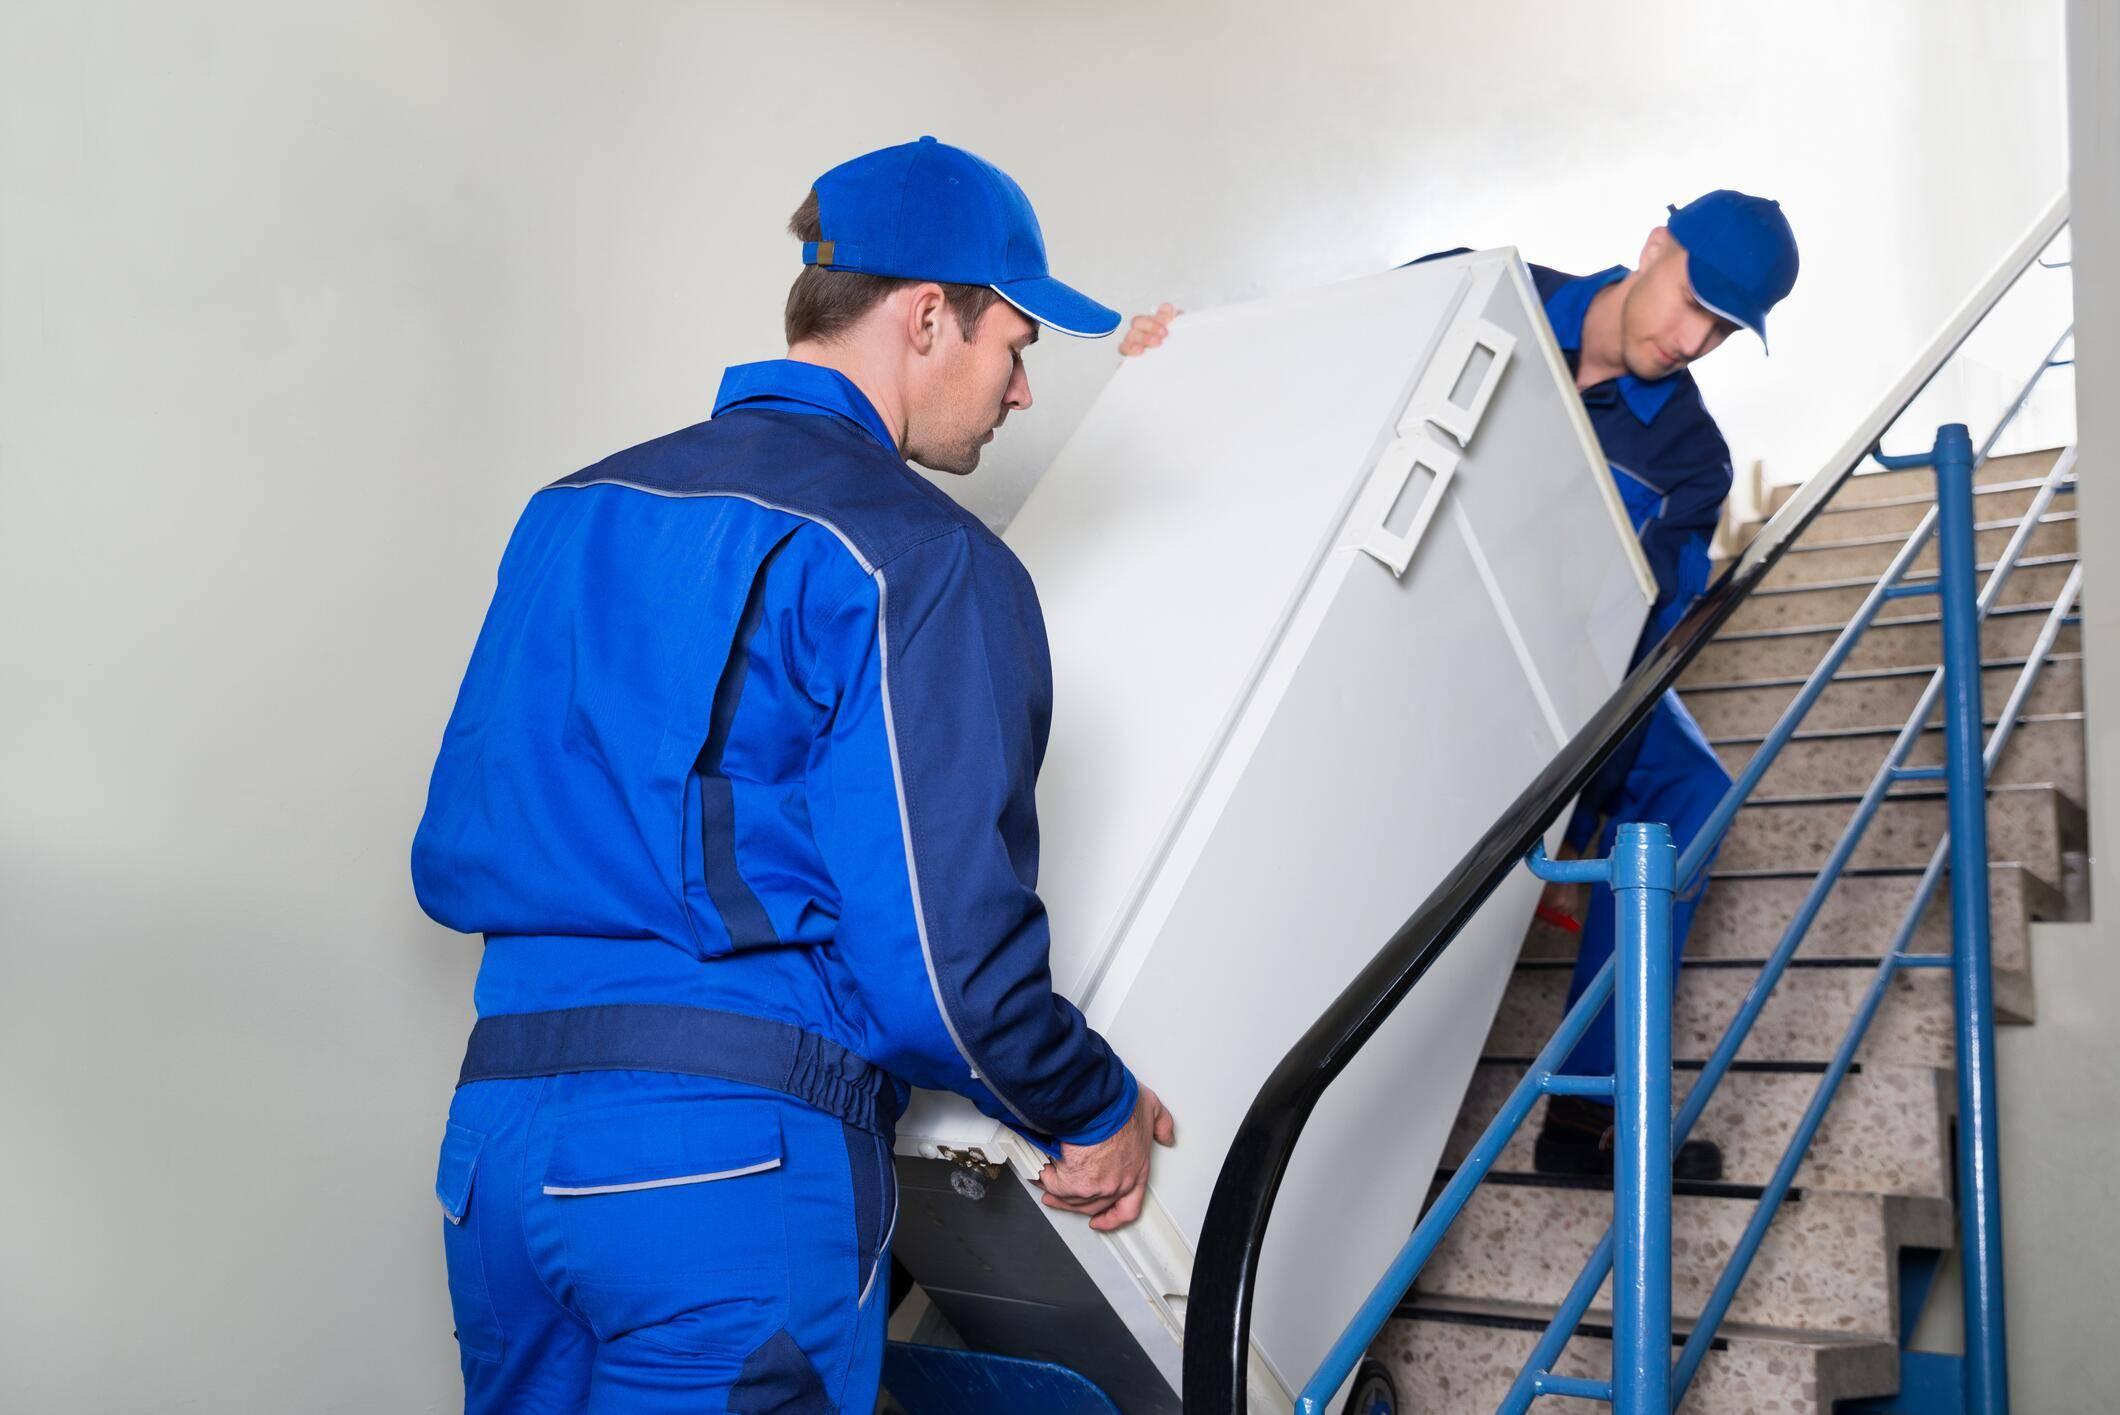 Kühlschrank Im Auto Liegend Transportieren : Kann man den kühlschrank liegend transportieren upworldthegame